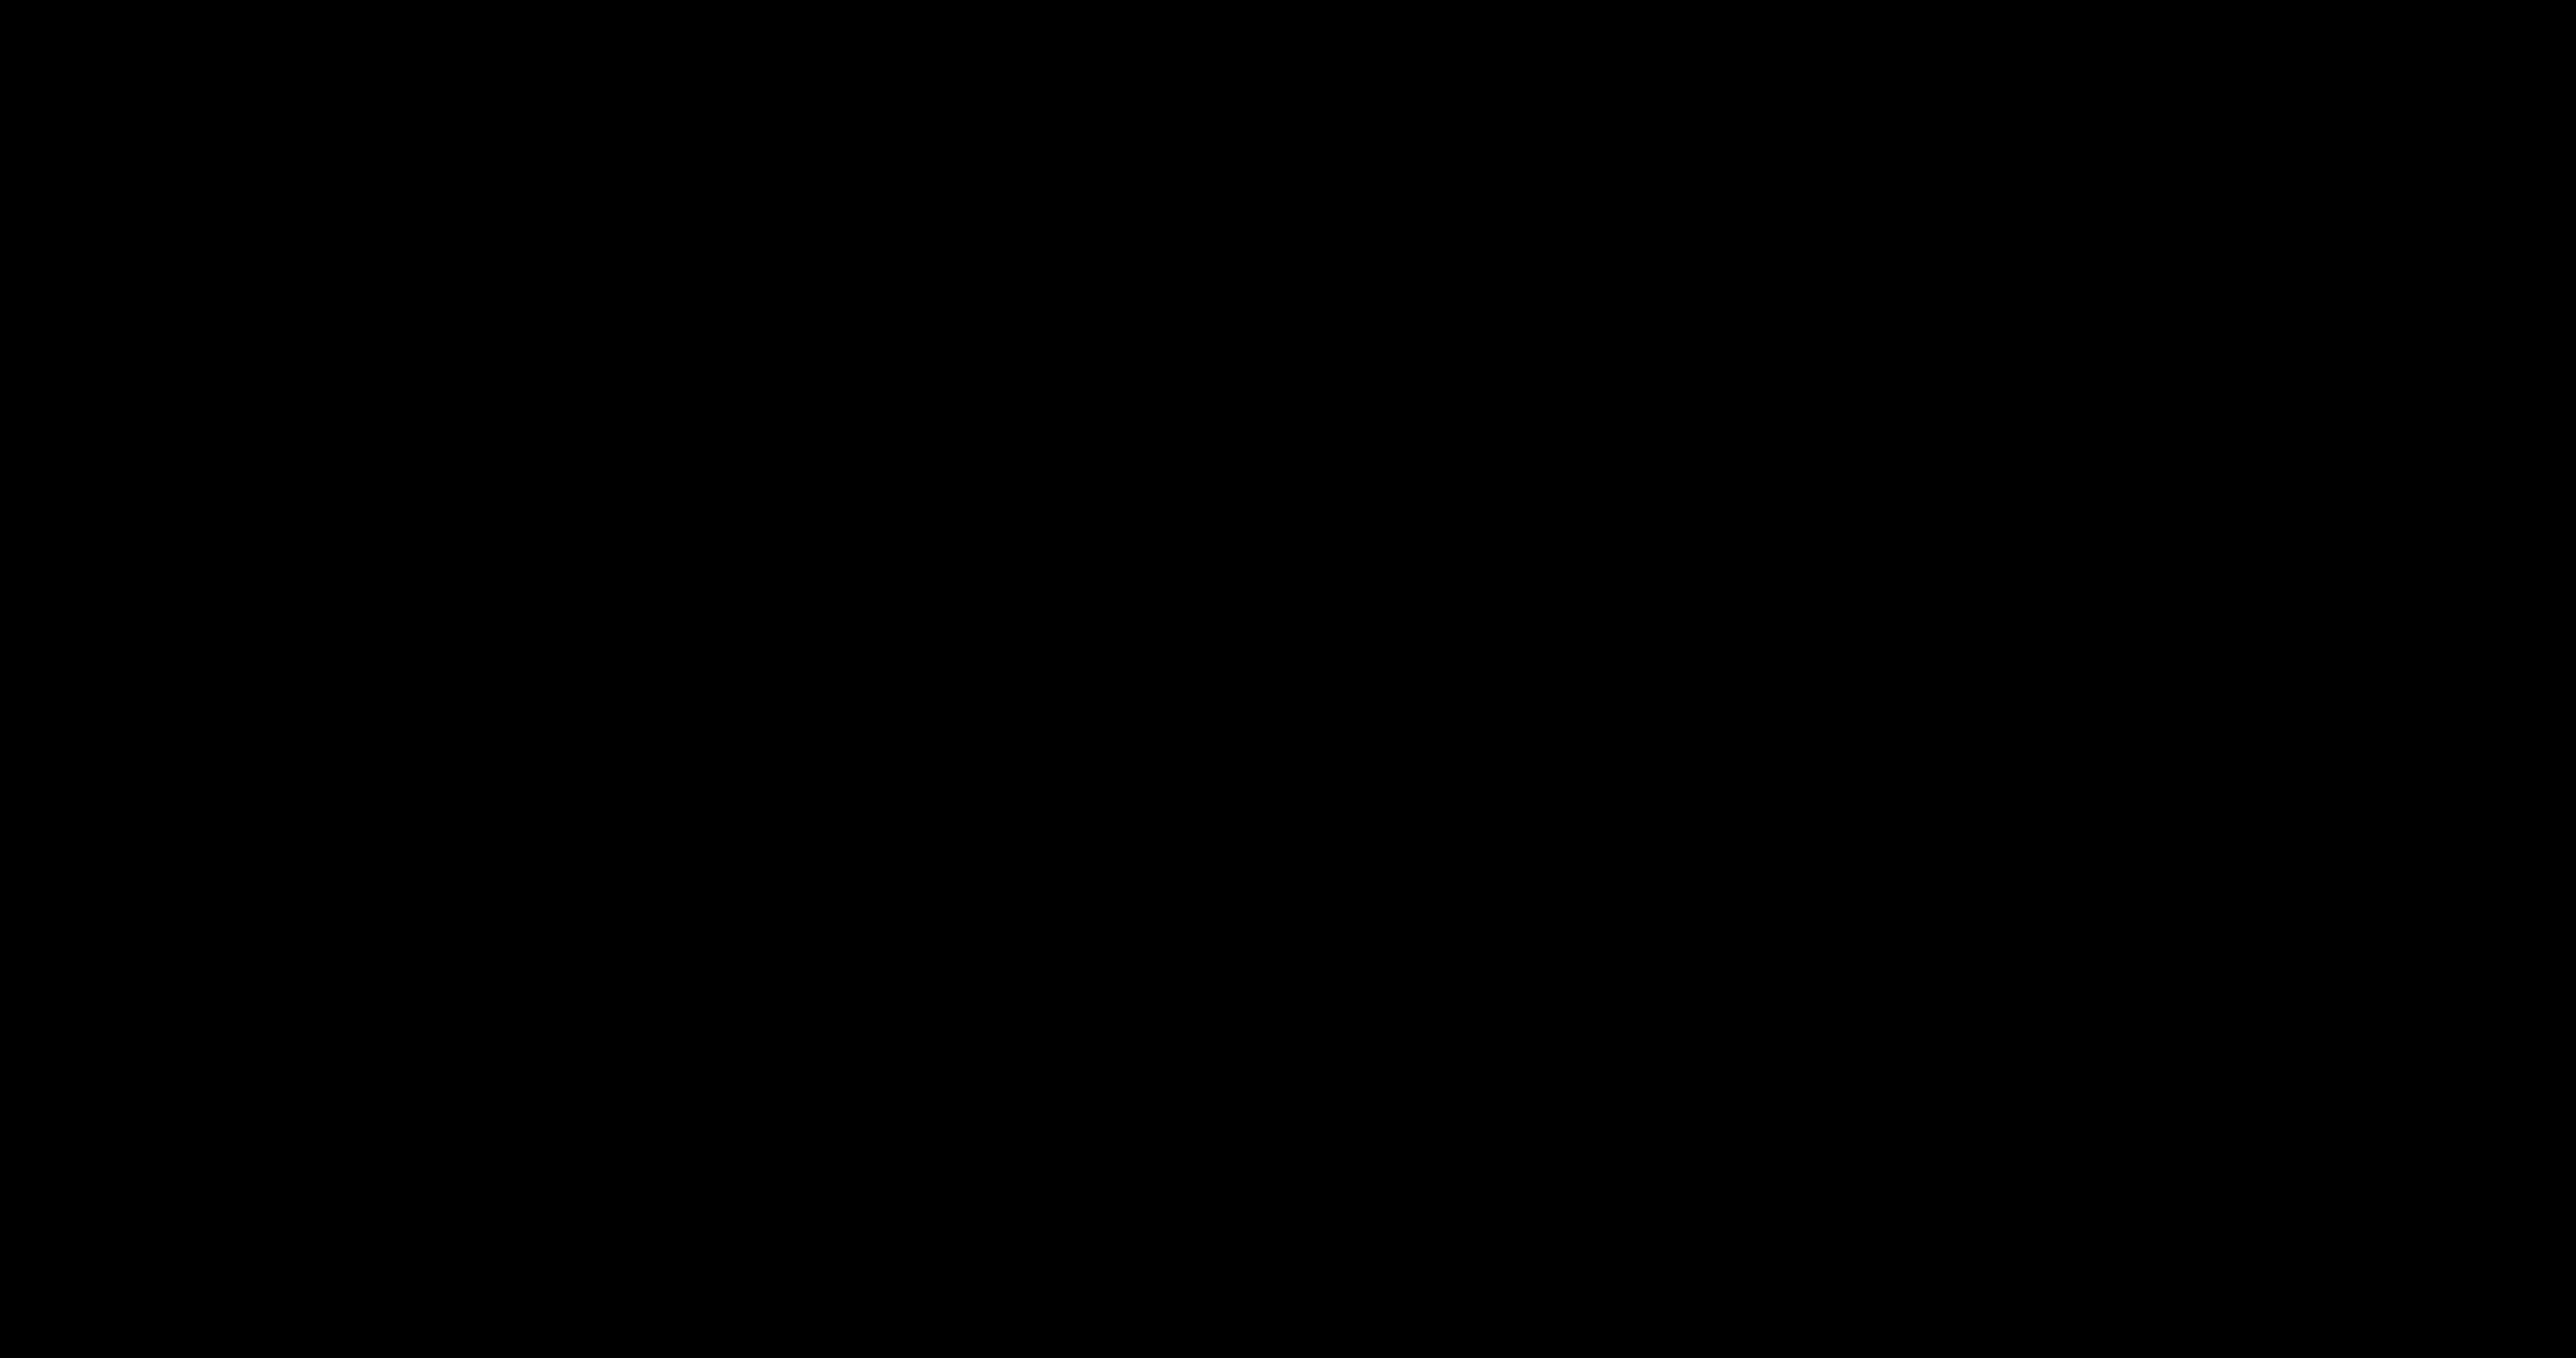 main crypto asset